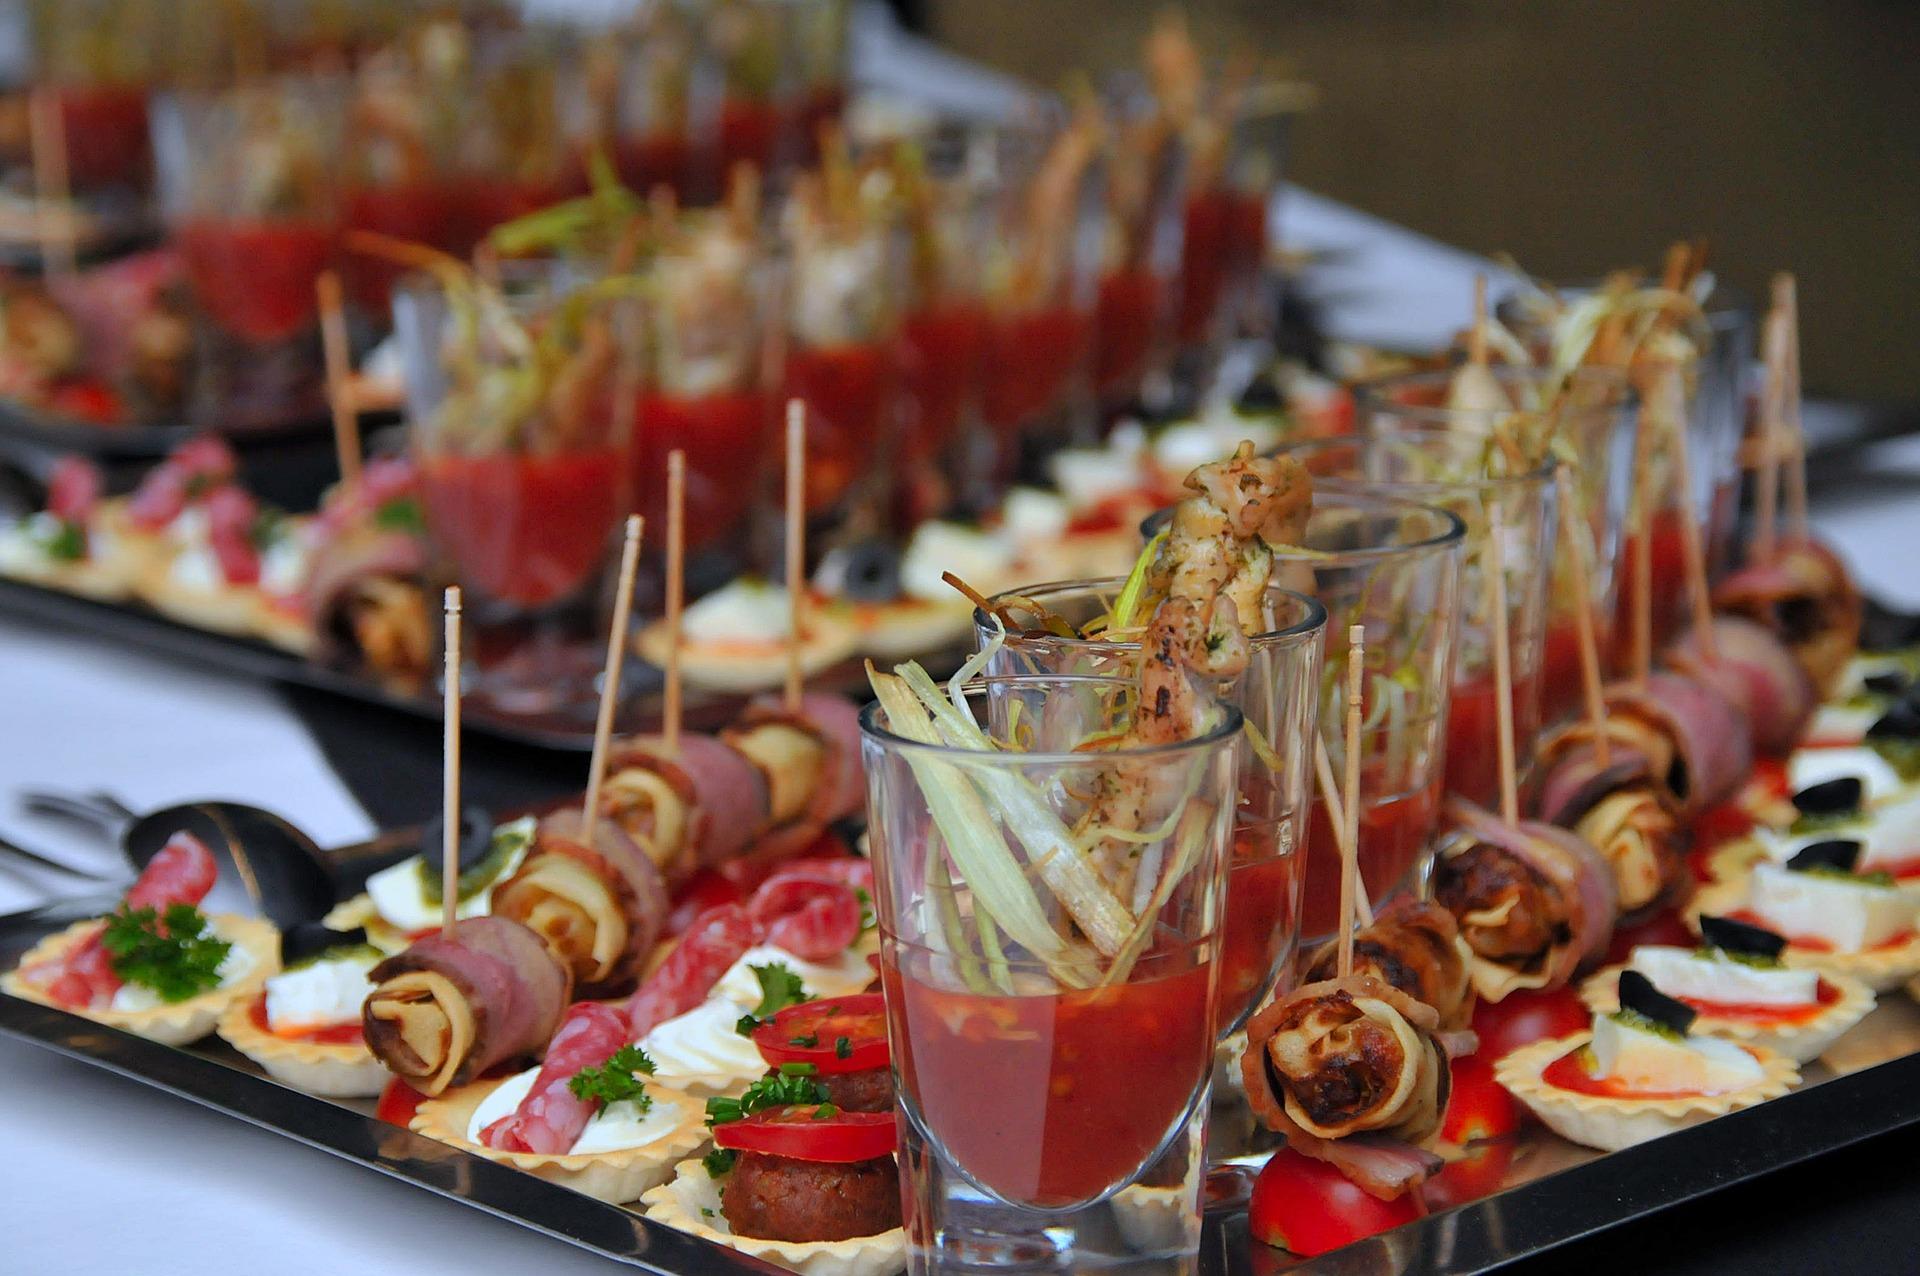 Hochzeitsbuffet mit kulinarischen Leckerbissen.